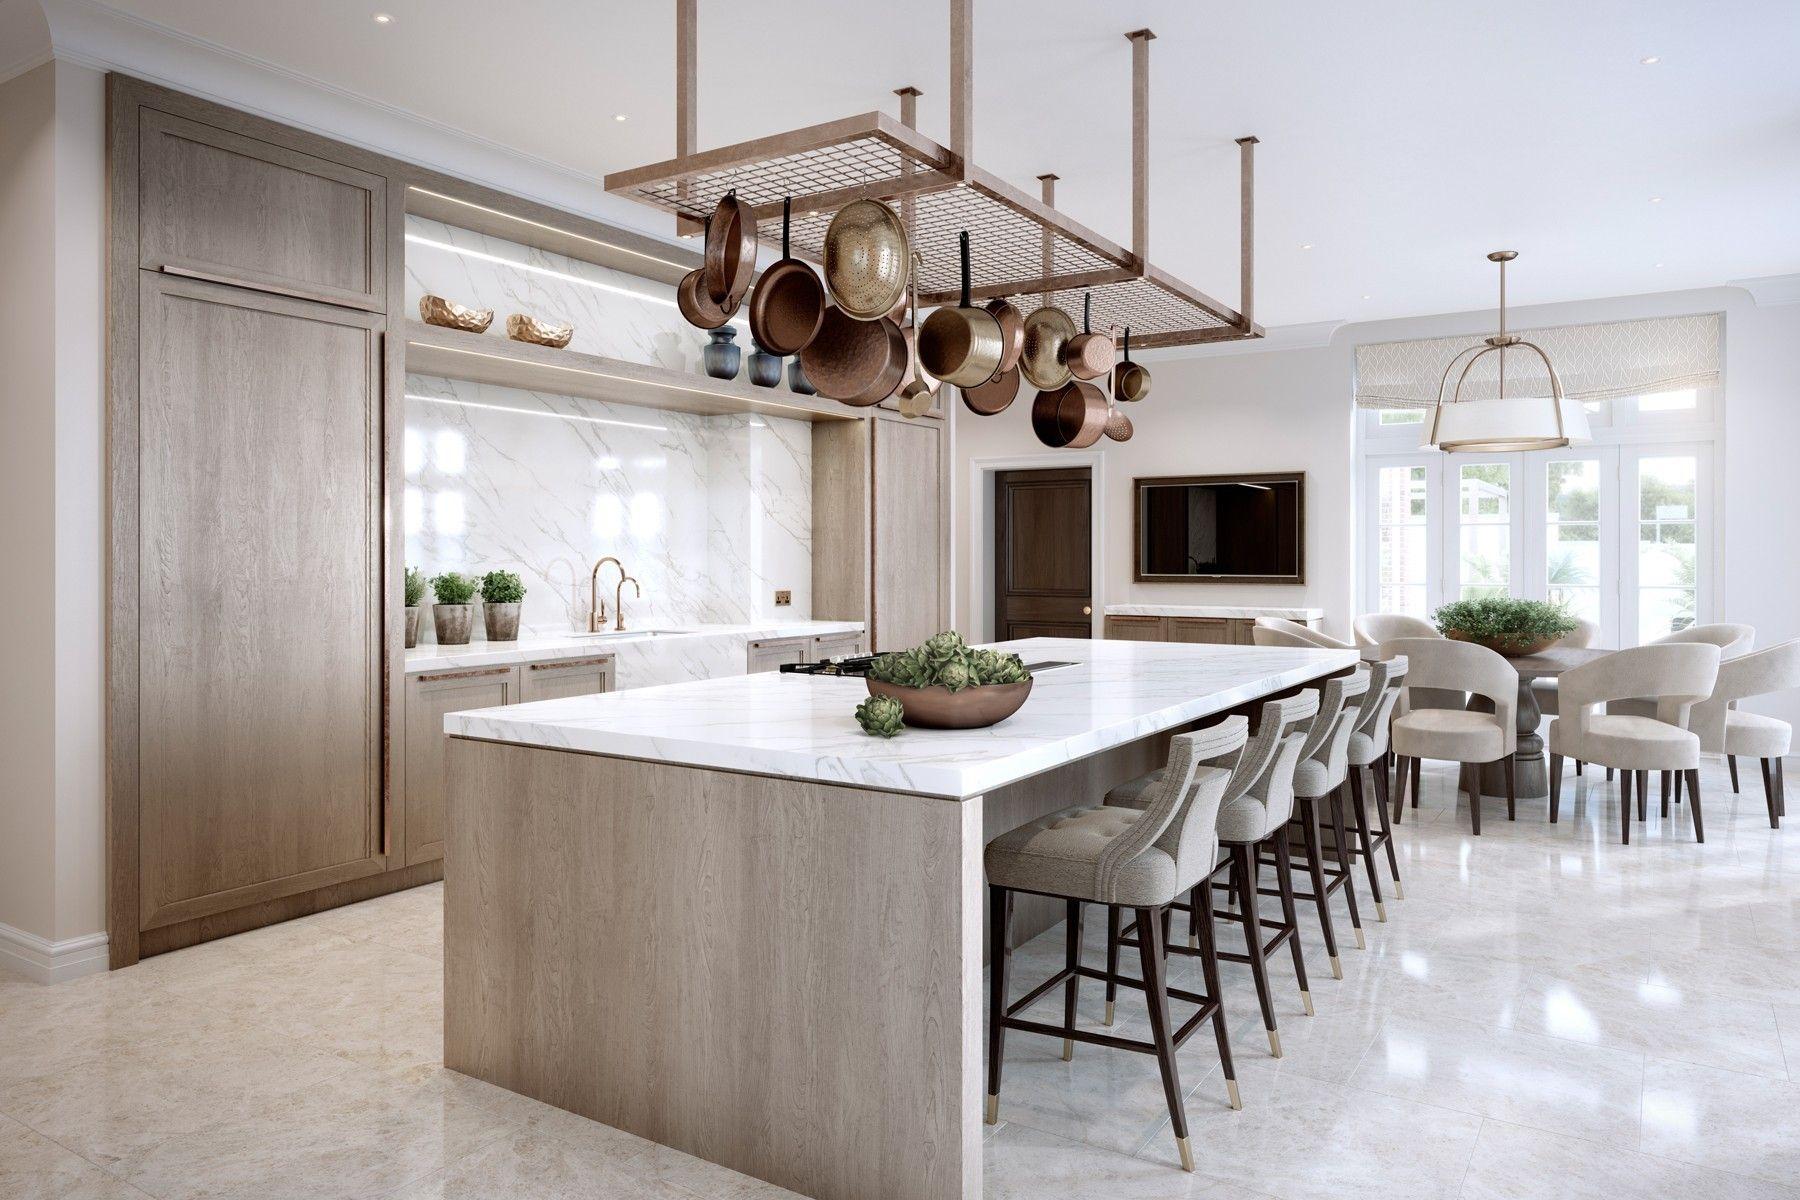 مدل آشپزخانه های مدرن 2018 با کابینت های شیک